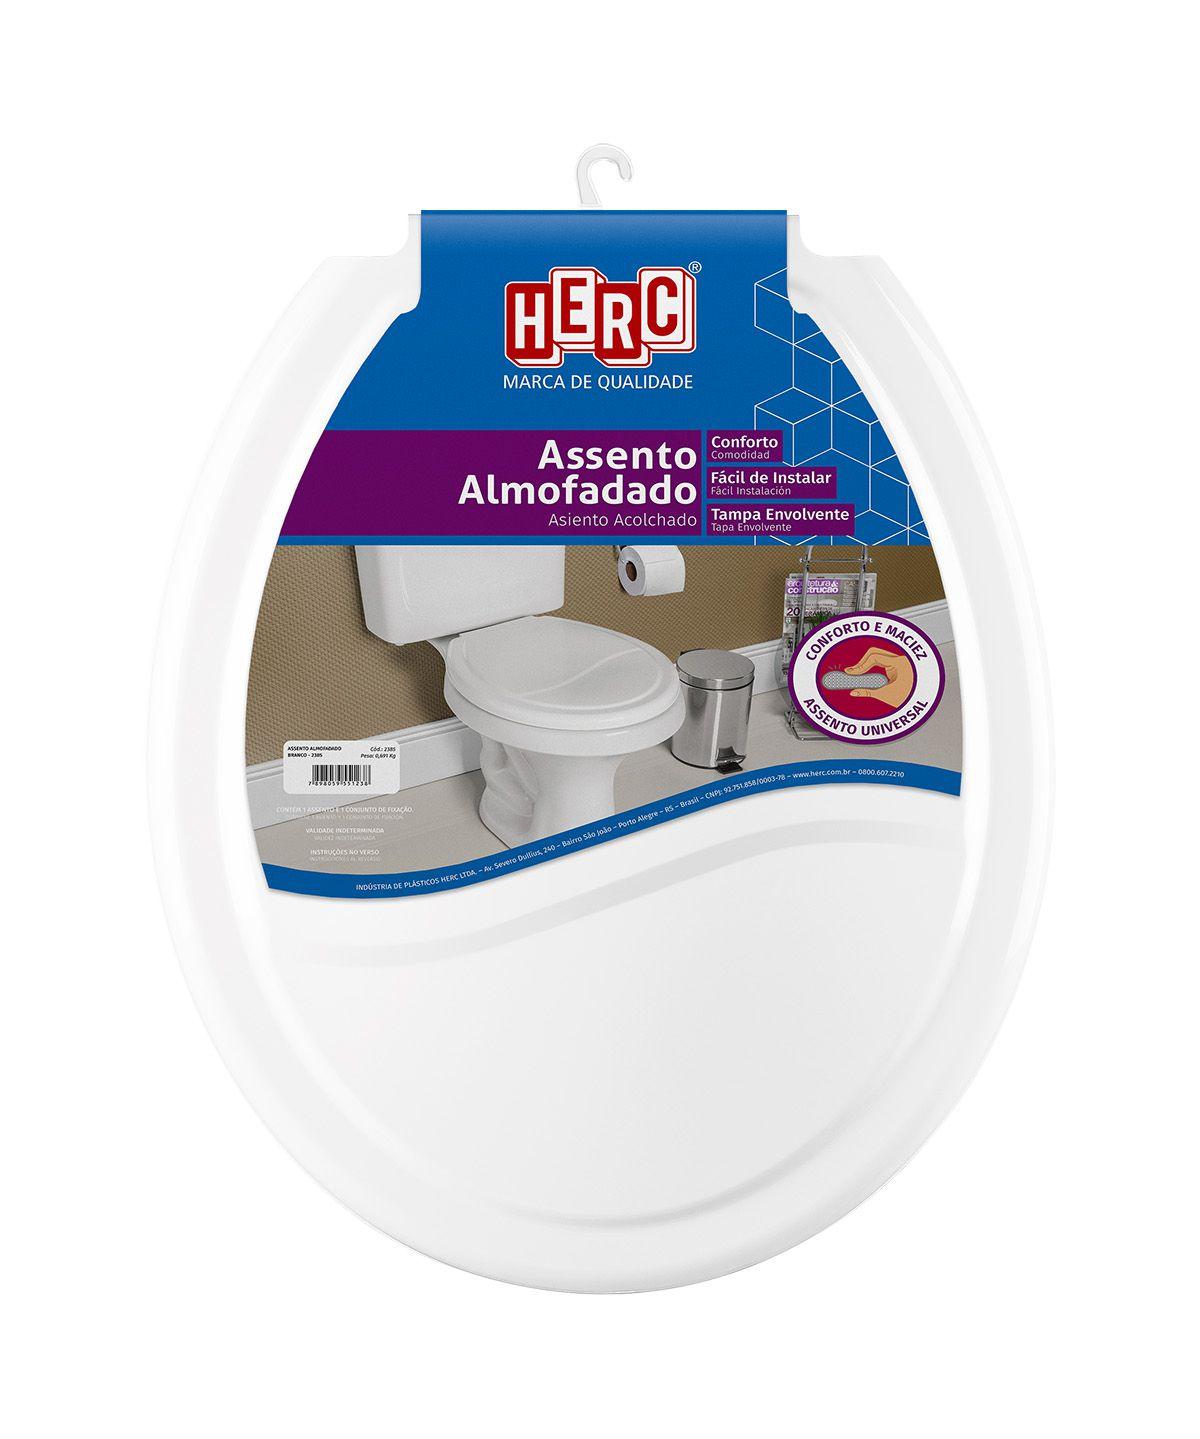 Conjunto / Kit com 3 Tampas de Vaso / Assento Sanitário Branco Almofadado 2385 Herc